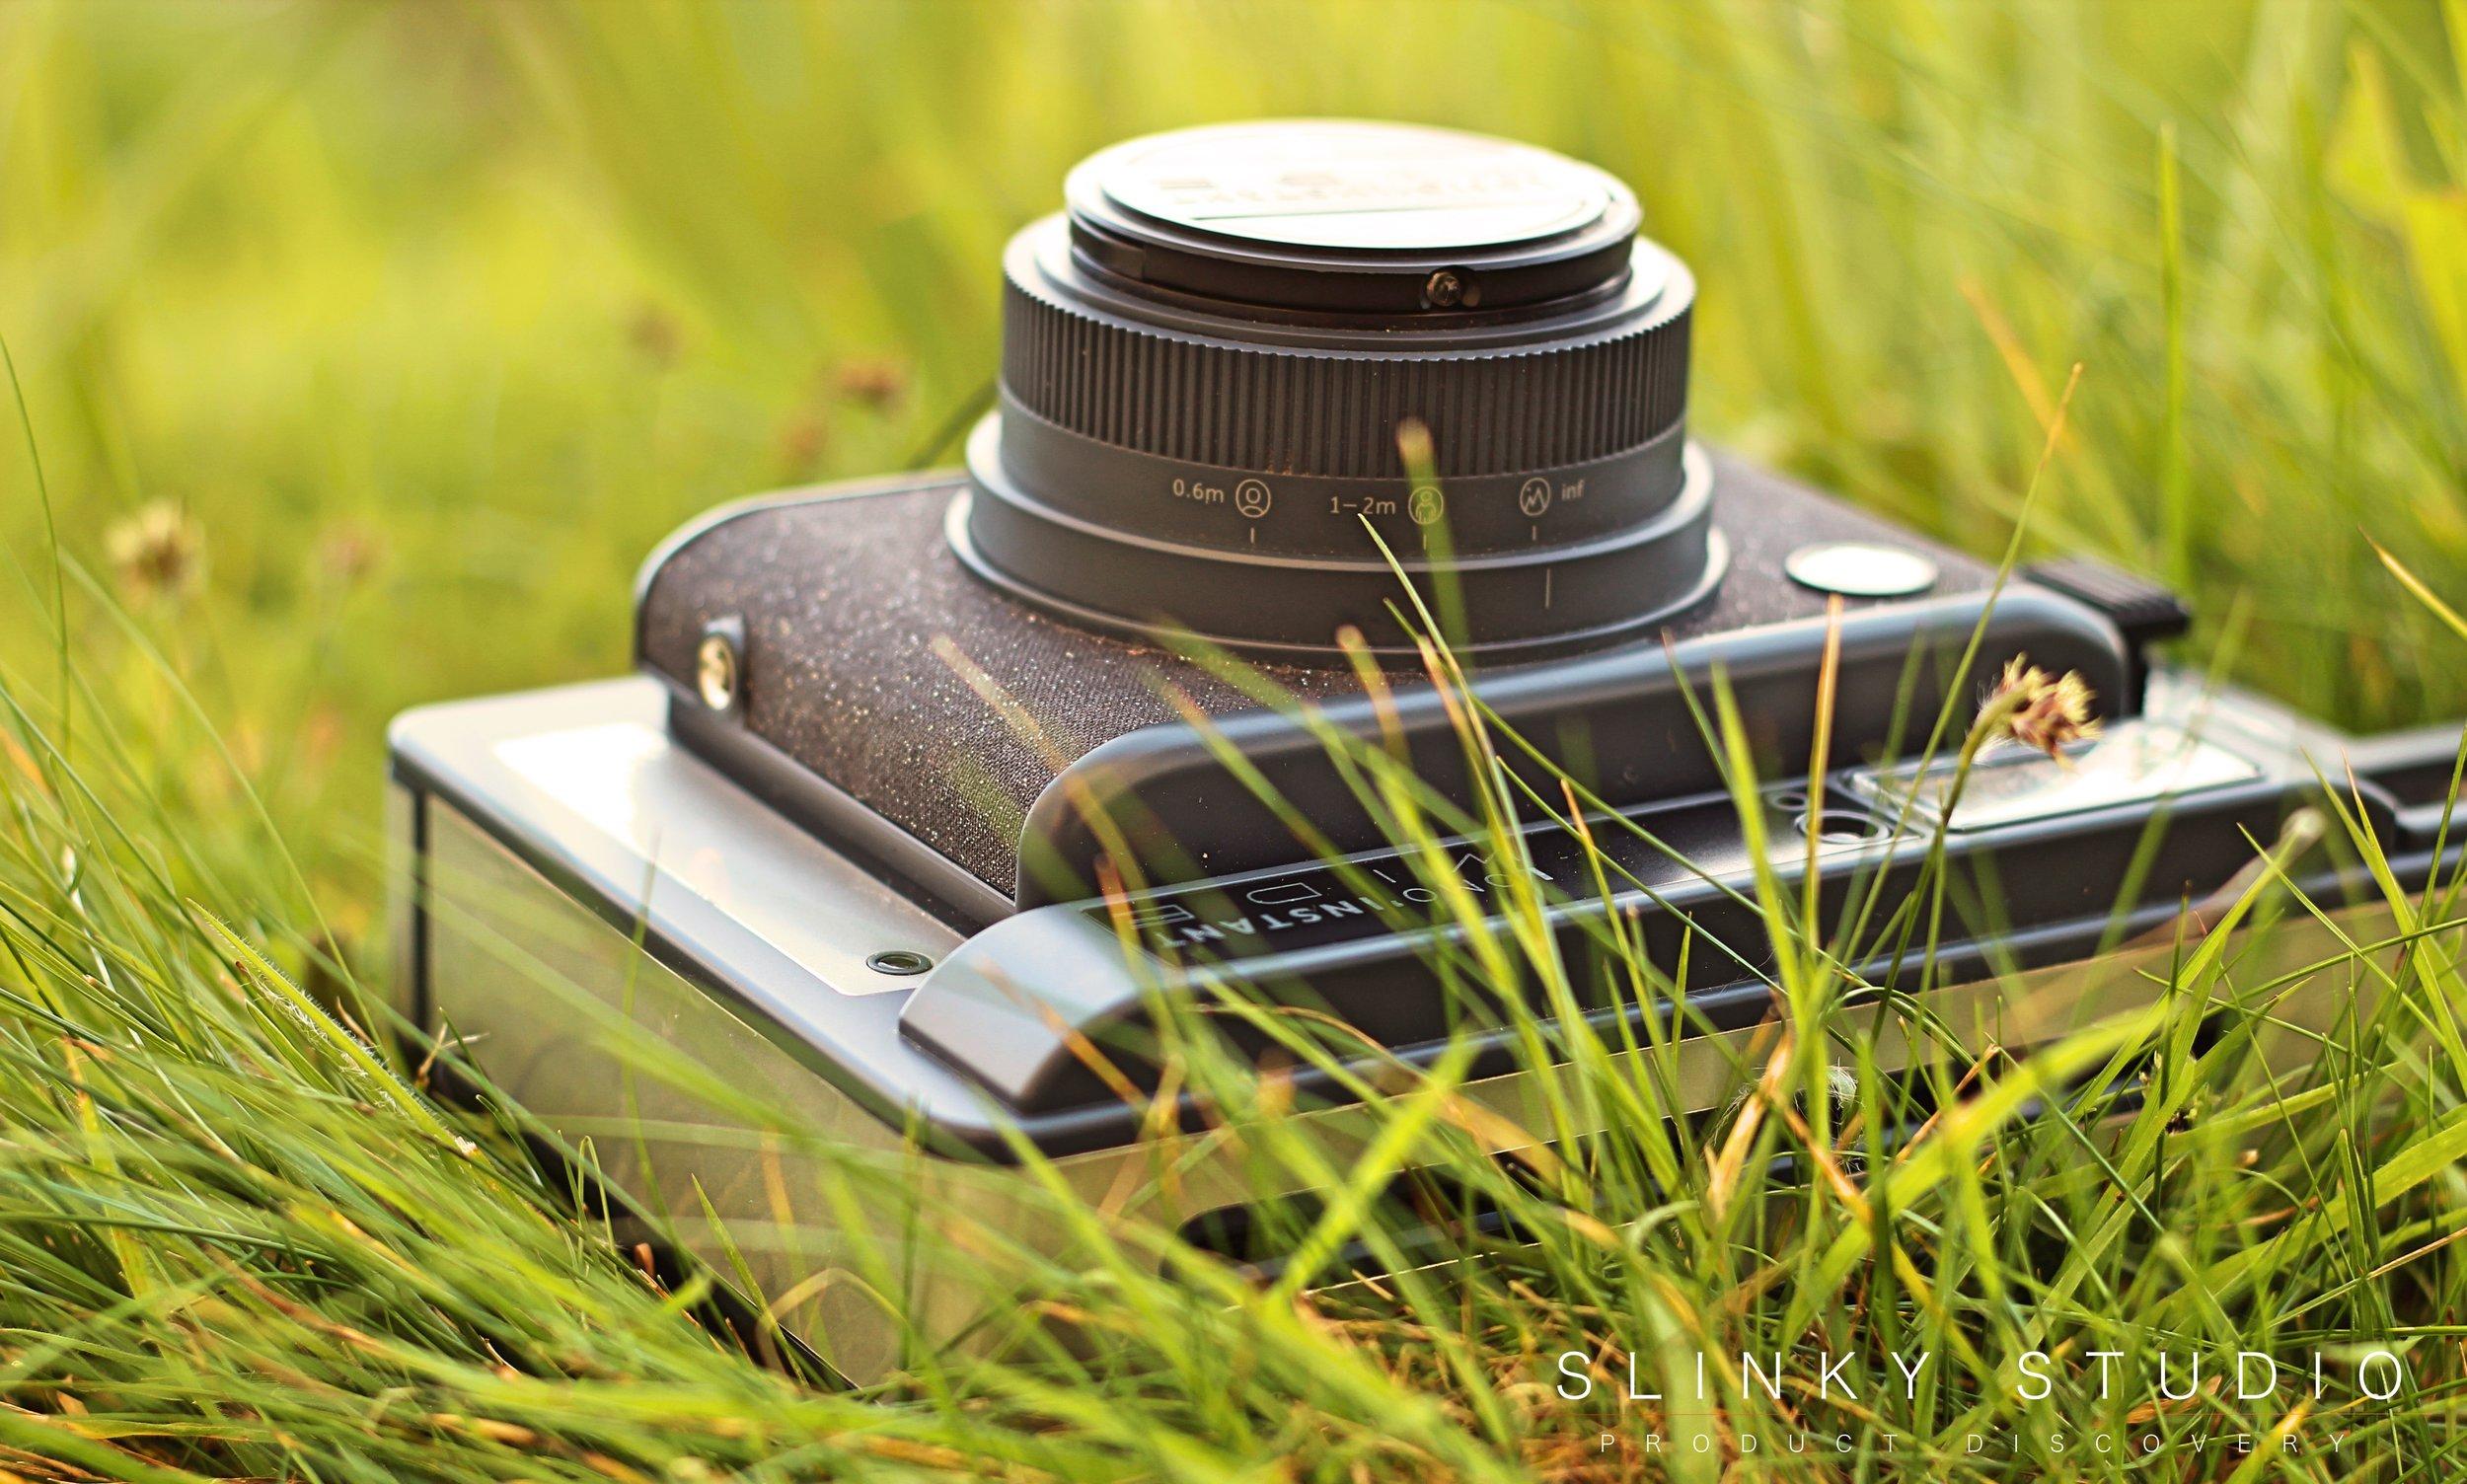 Lomography Lomo'Instant Wide Camera Close Up Through Grass.jpg